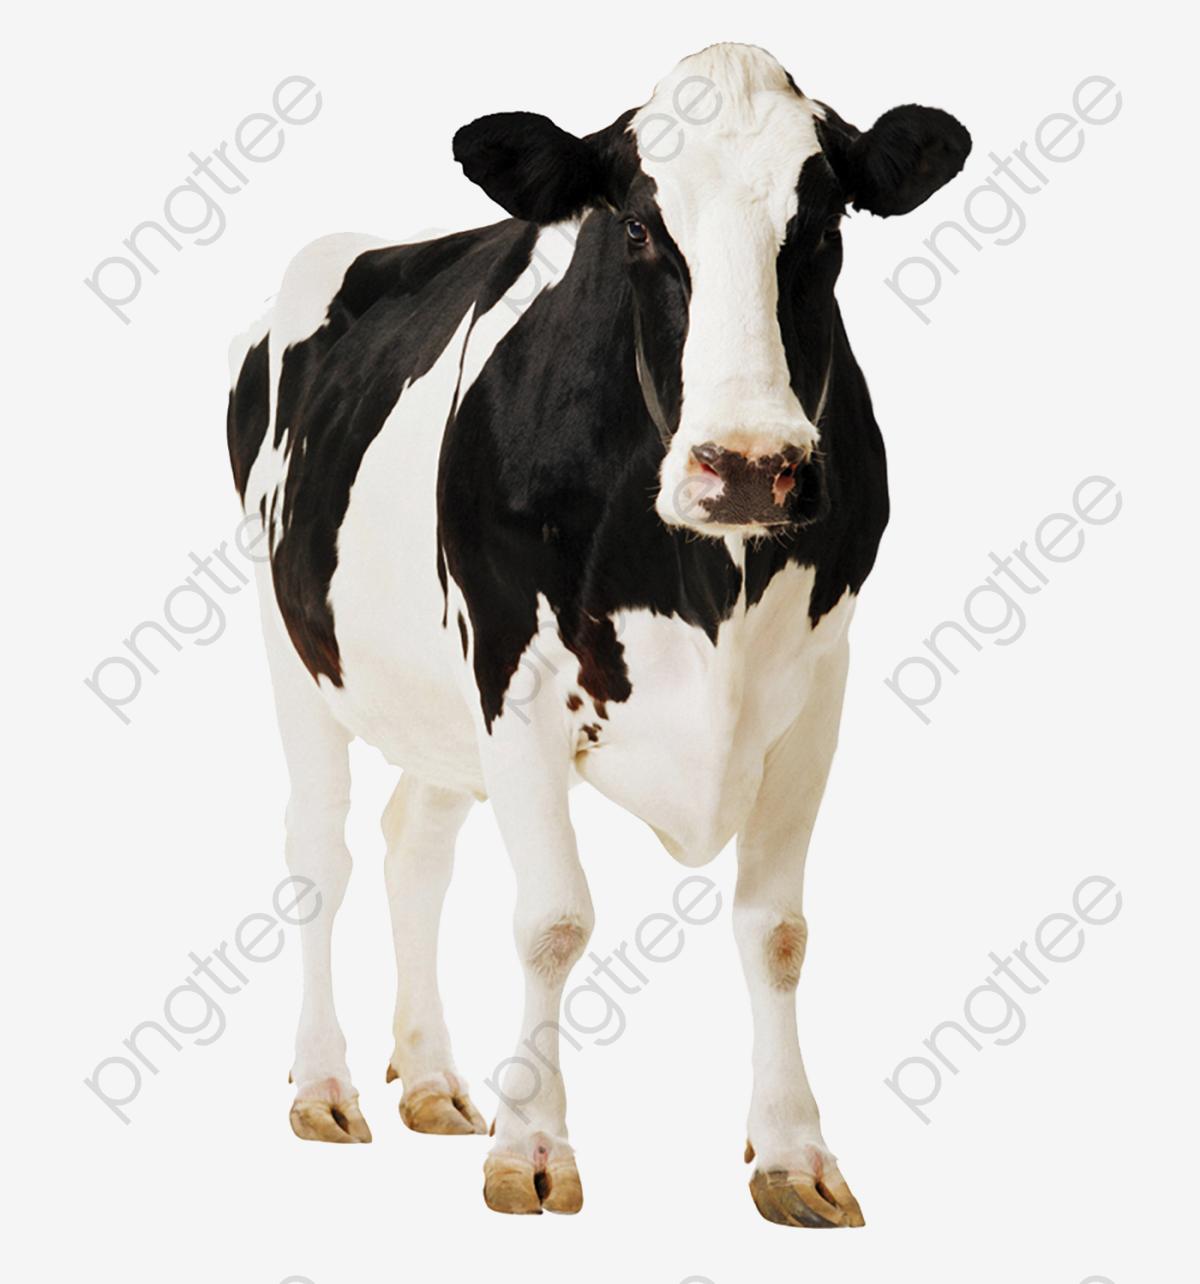 2e41e418efa1 Vacas Positivas Vaca Lechera El Ganado Vacas Lecheras Imagen PNG ...